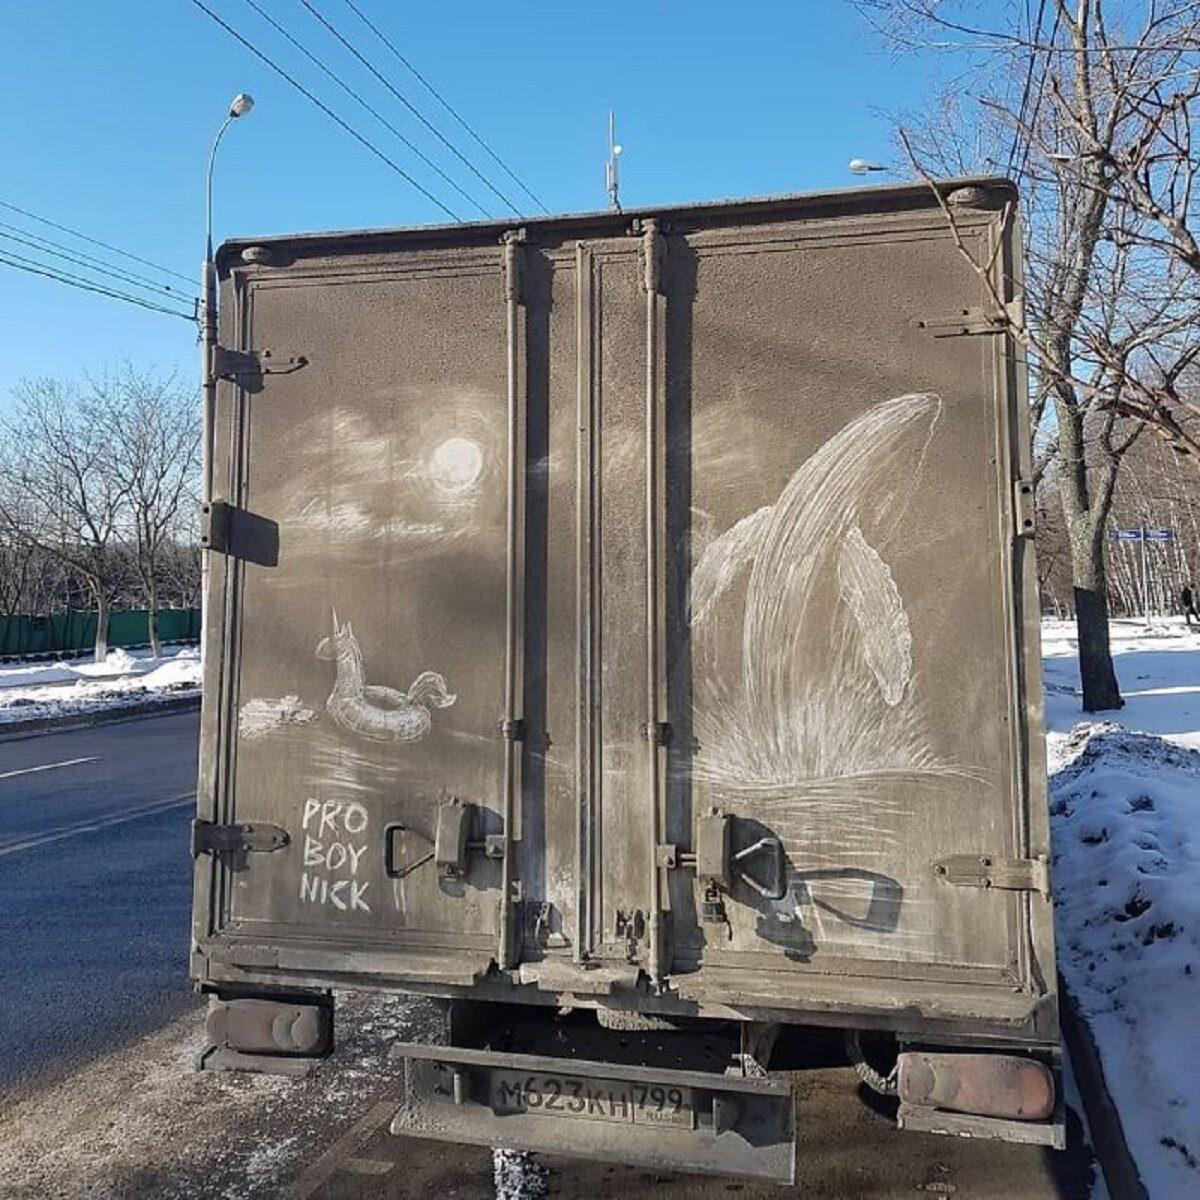 Nikita Golubev artista russa cria desenhos incriveis em caminhoes e tecnica chama atencao 14